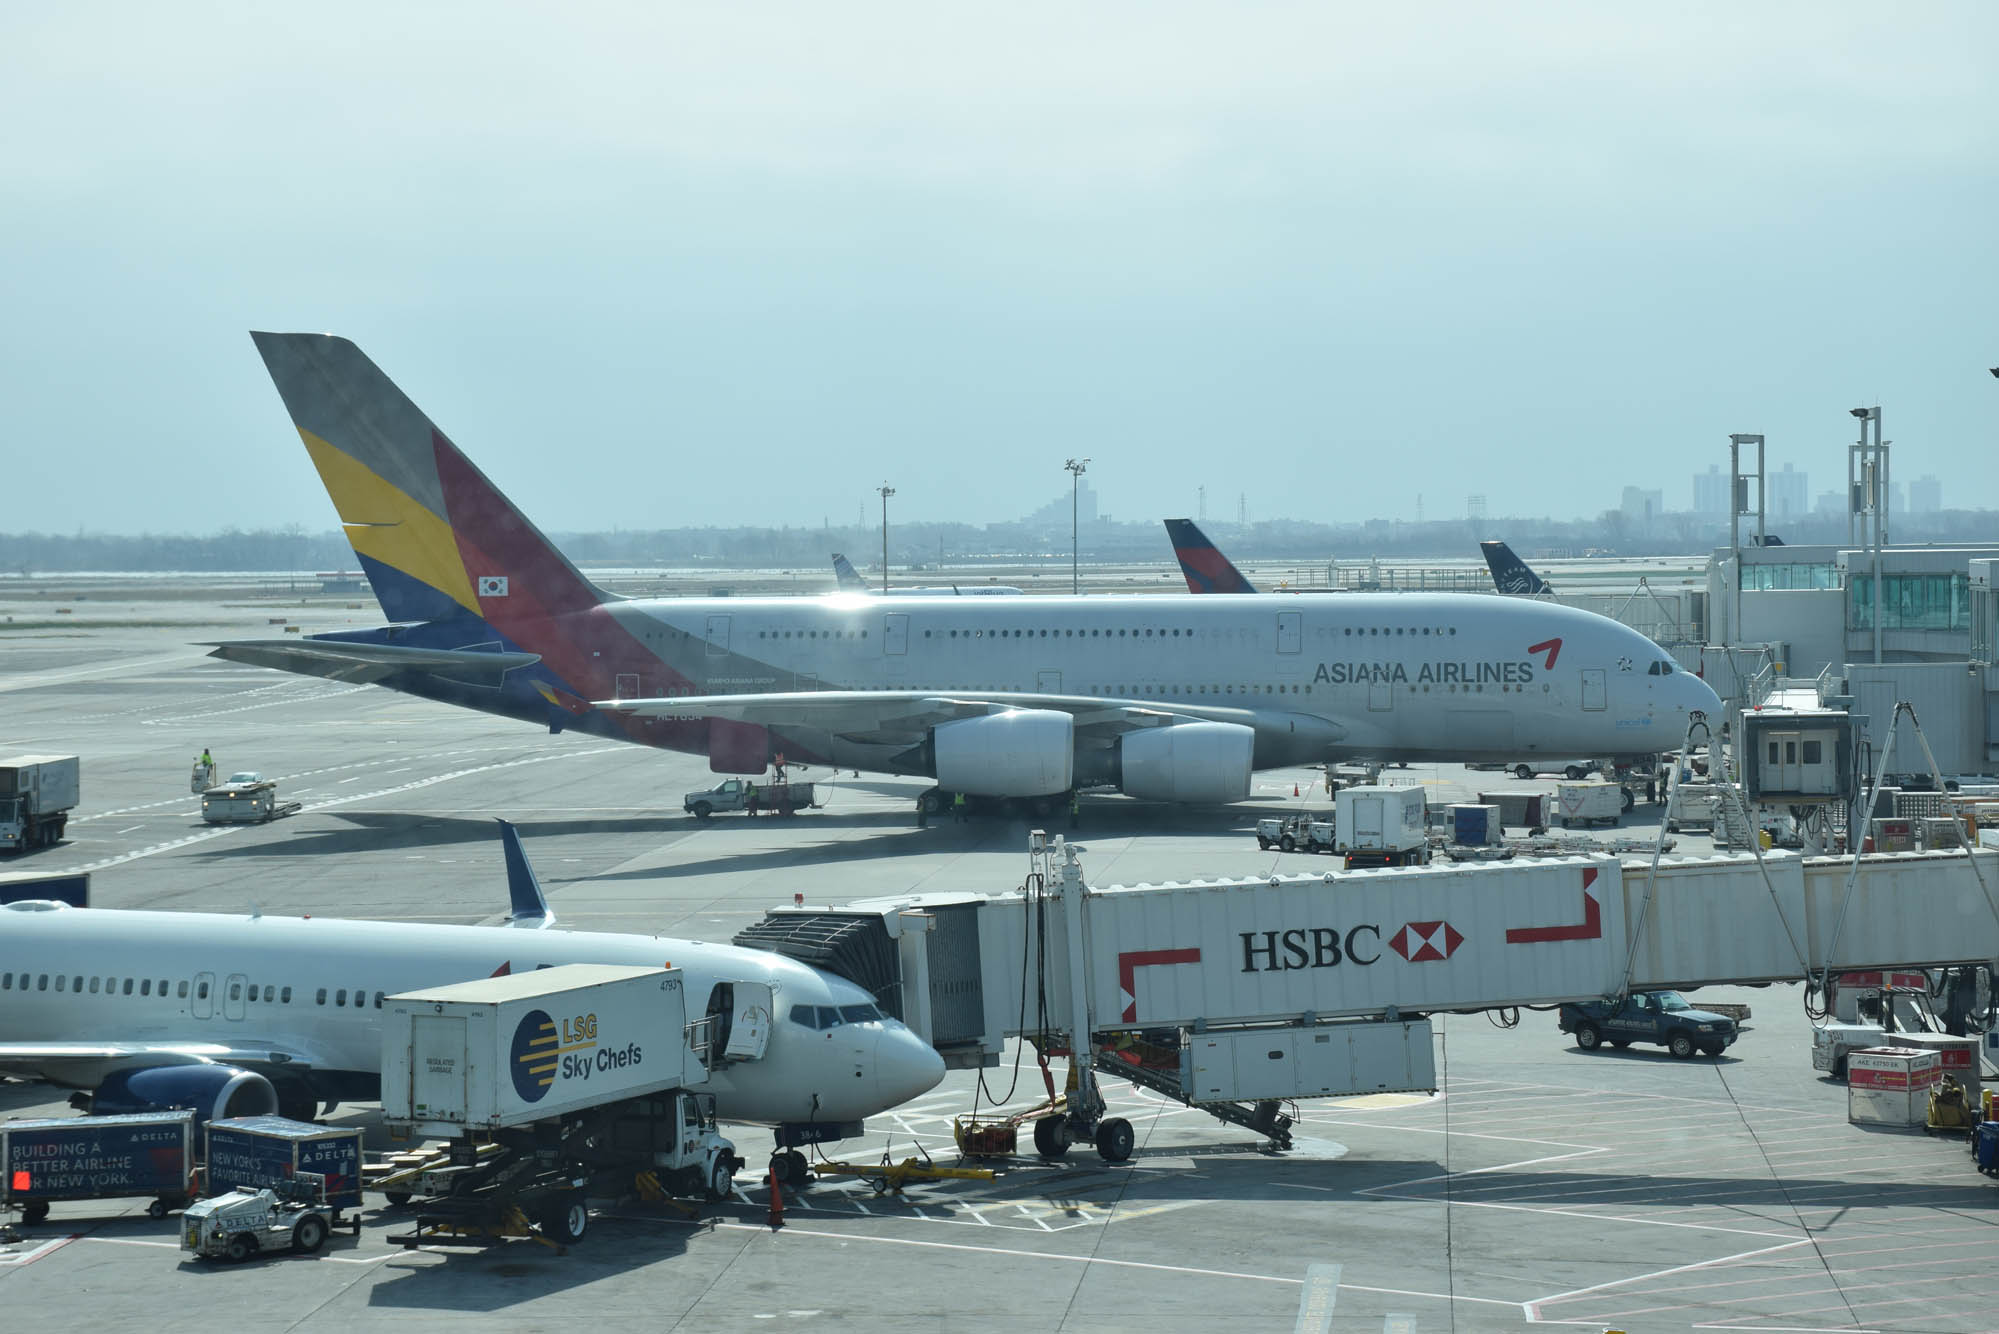 A380 da Asiana Airlines - companhia aéra da Coreia do Sul. Muito boa!!